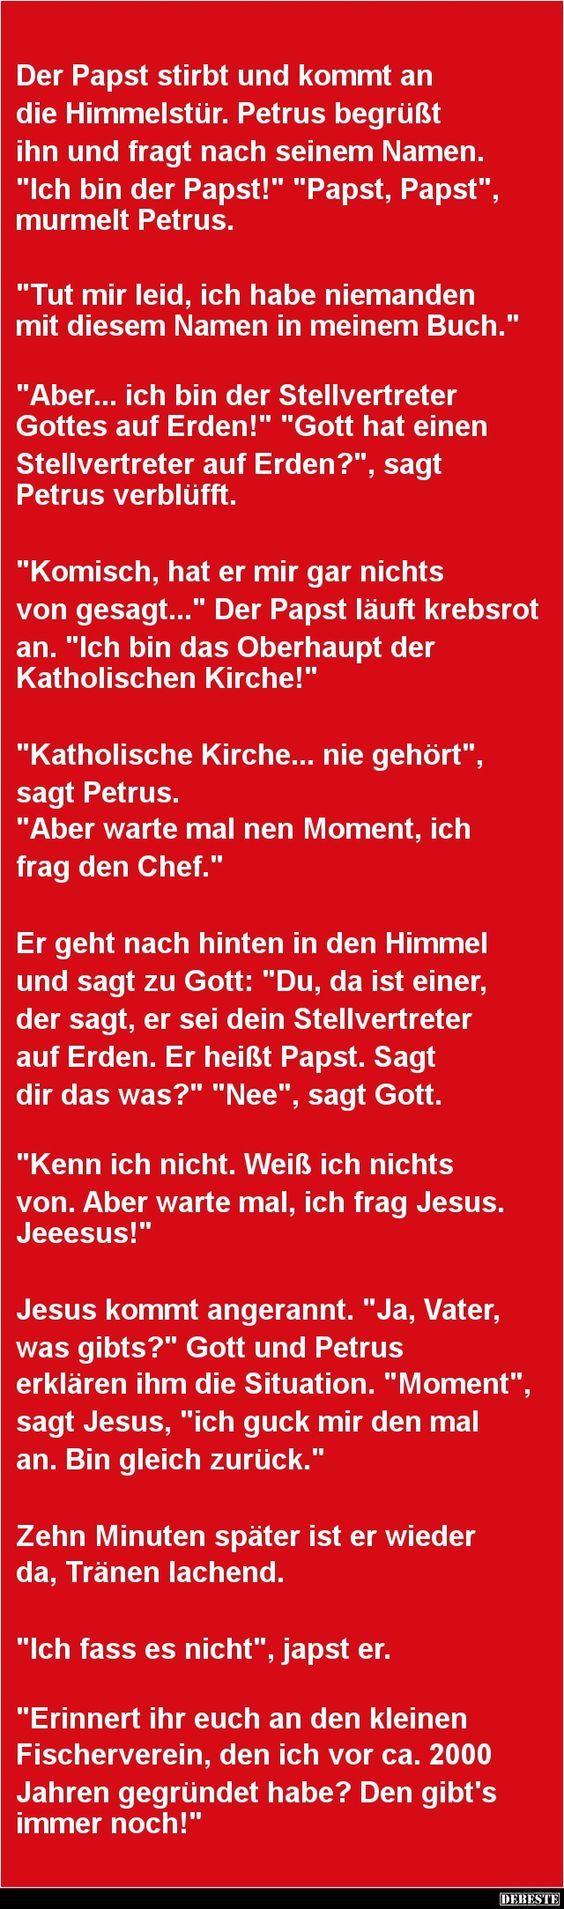 Der Papst stirbt und kommt an die Himmelstür | DEBESTE.de, Lustige Bilder, Sprüche, Witze und Videos: